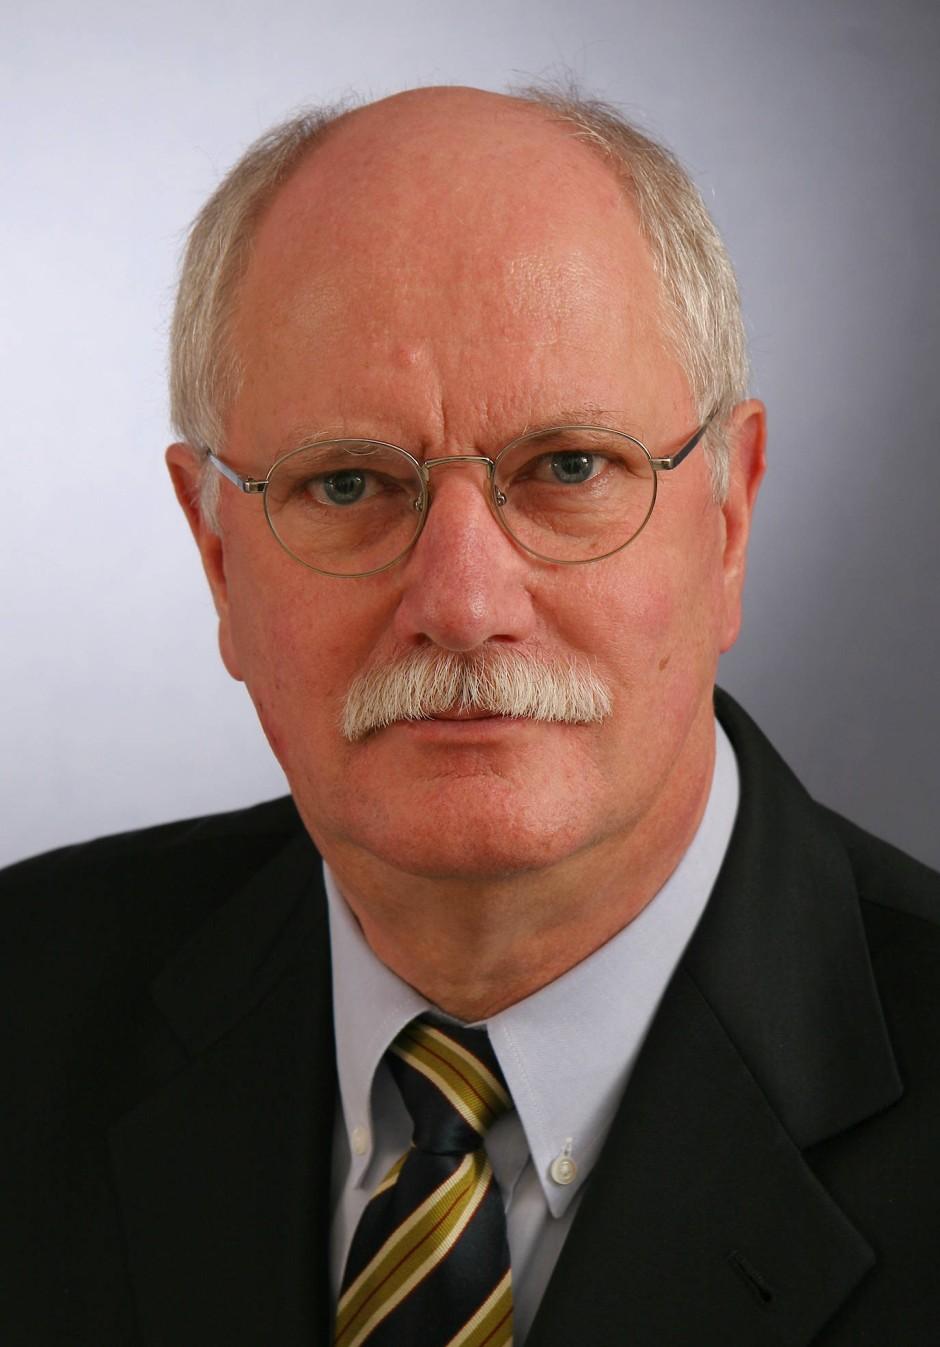 Björn Lemmer, 75, leitete bis 2007 das Institut für Pharmakologie und Toxikologie an der Uni Heidelberg und ist Autor eines Fachbuchs zur Chronopharmakologie.